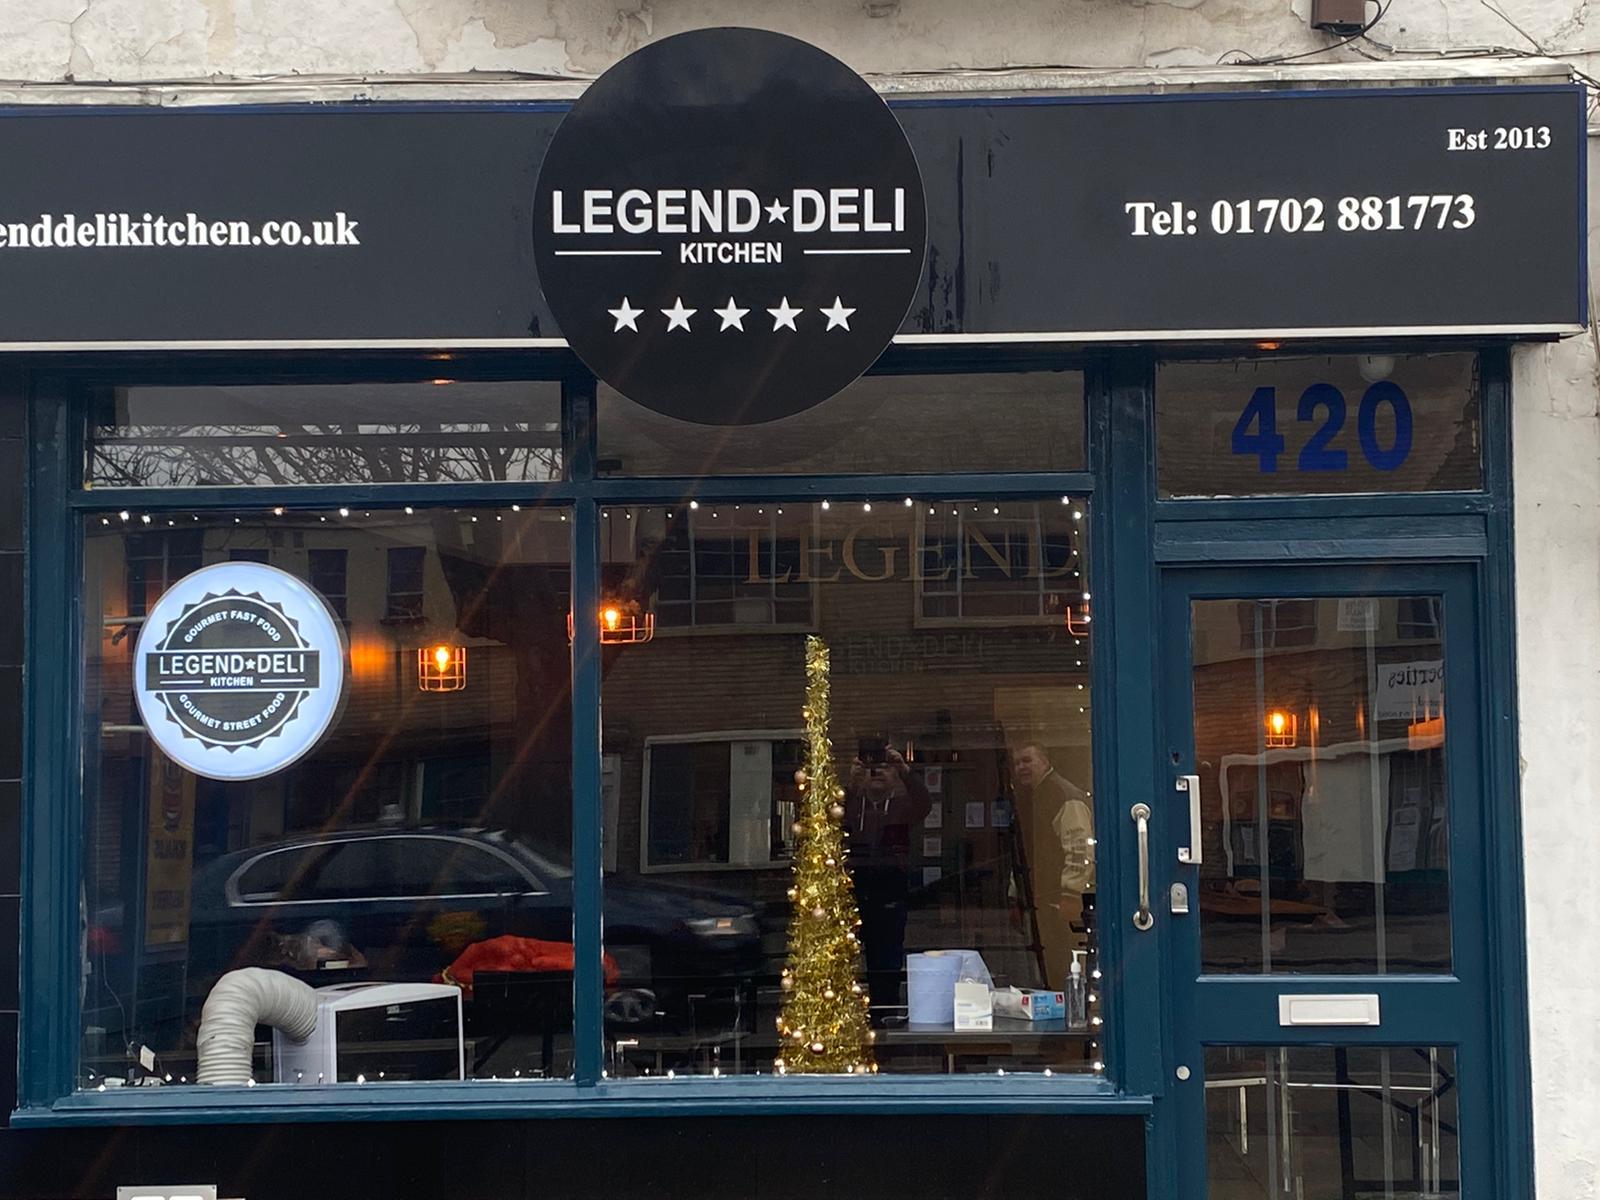 Legend Deli shop sign